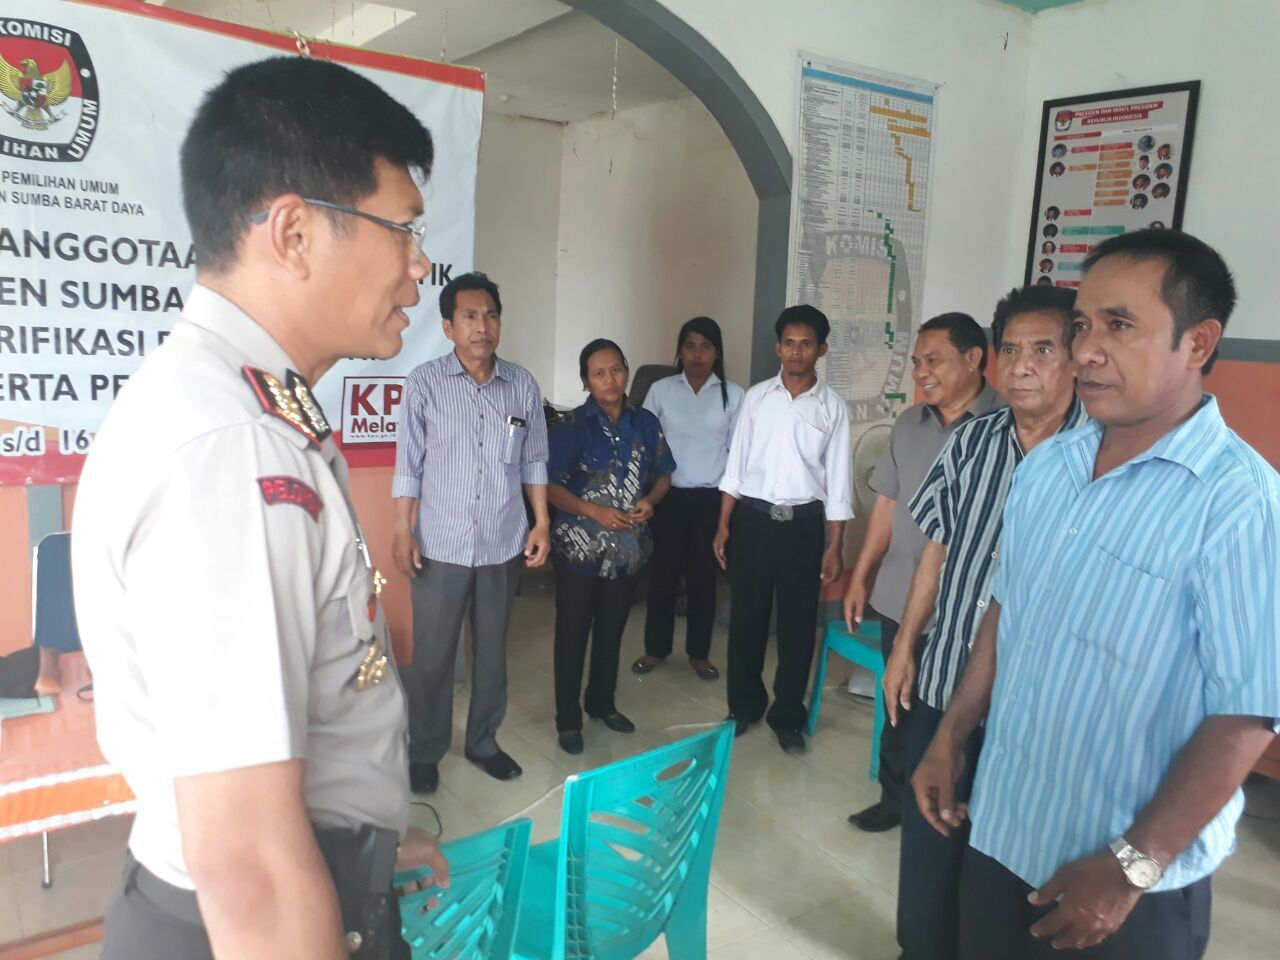 Kapolres Sumba Barat Pantau Langsung Pengamanan Penerimaan Berkas Parpol pada 3 Kabupaten